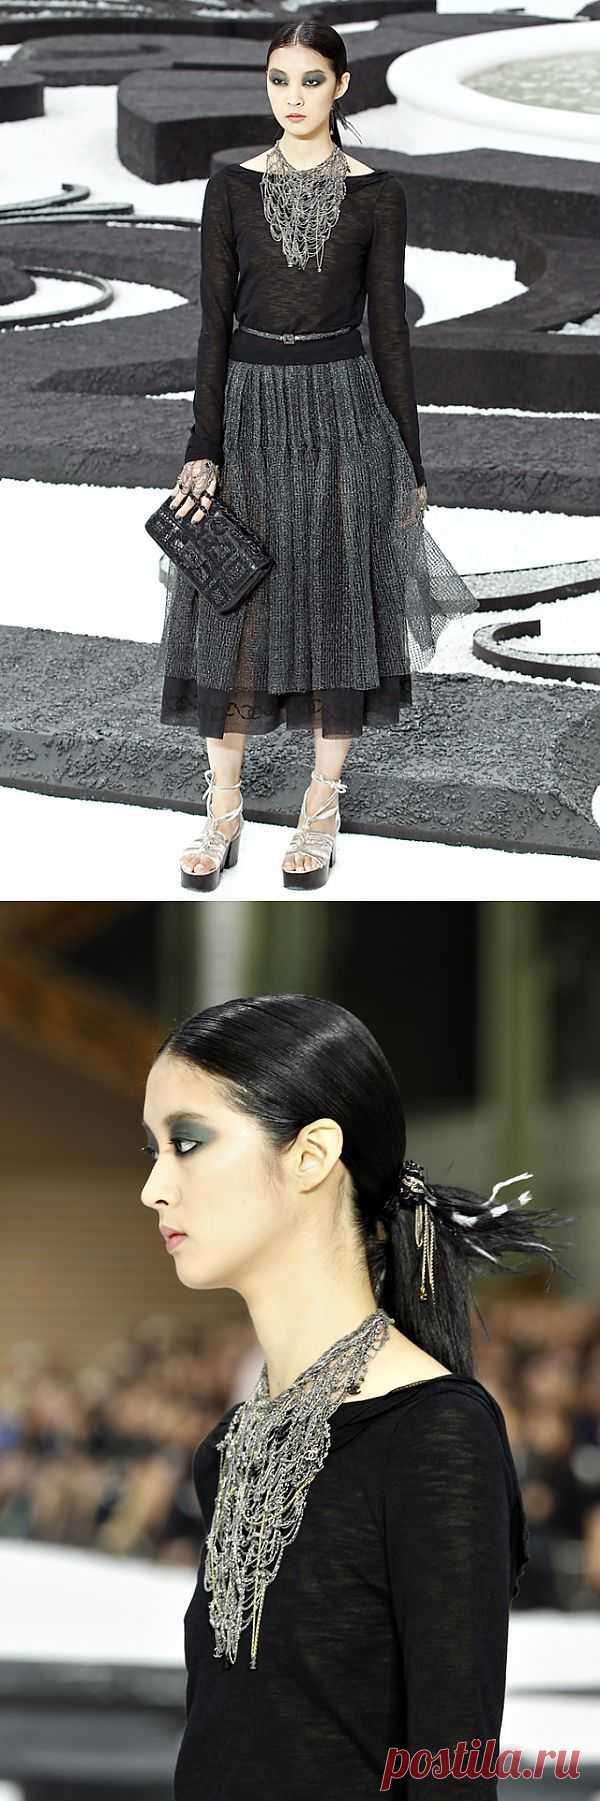 CHANEL: колье-паутина / Украшения и бижутерия / Модный сайт о стильной переделке одежды и интерьера